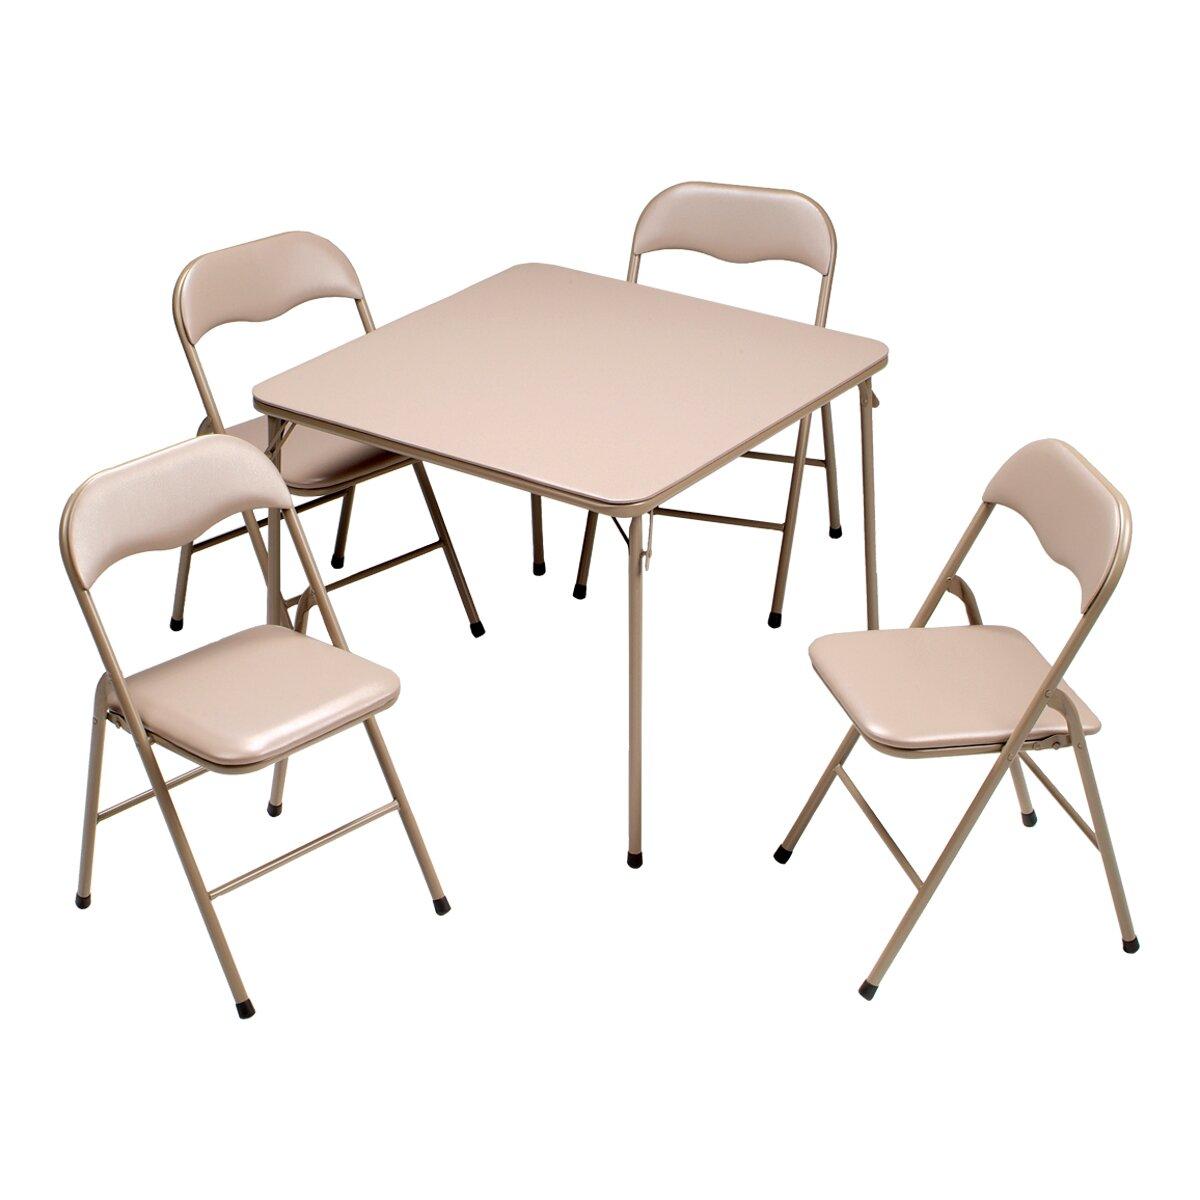 Square folding tables - 5 Piece 34 Square Folding Table Set